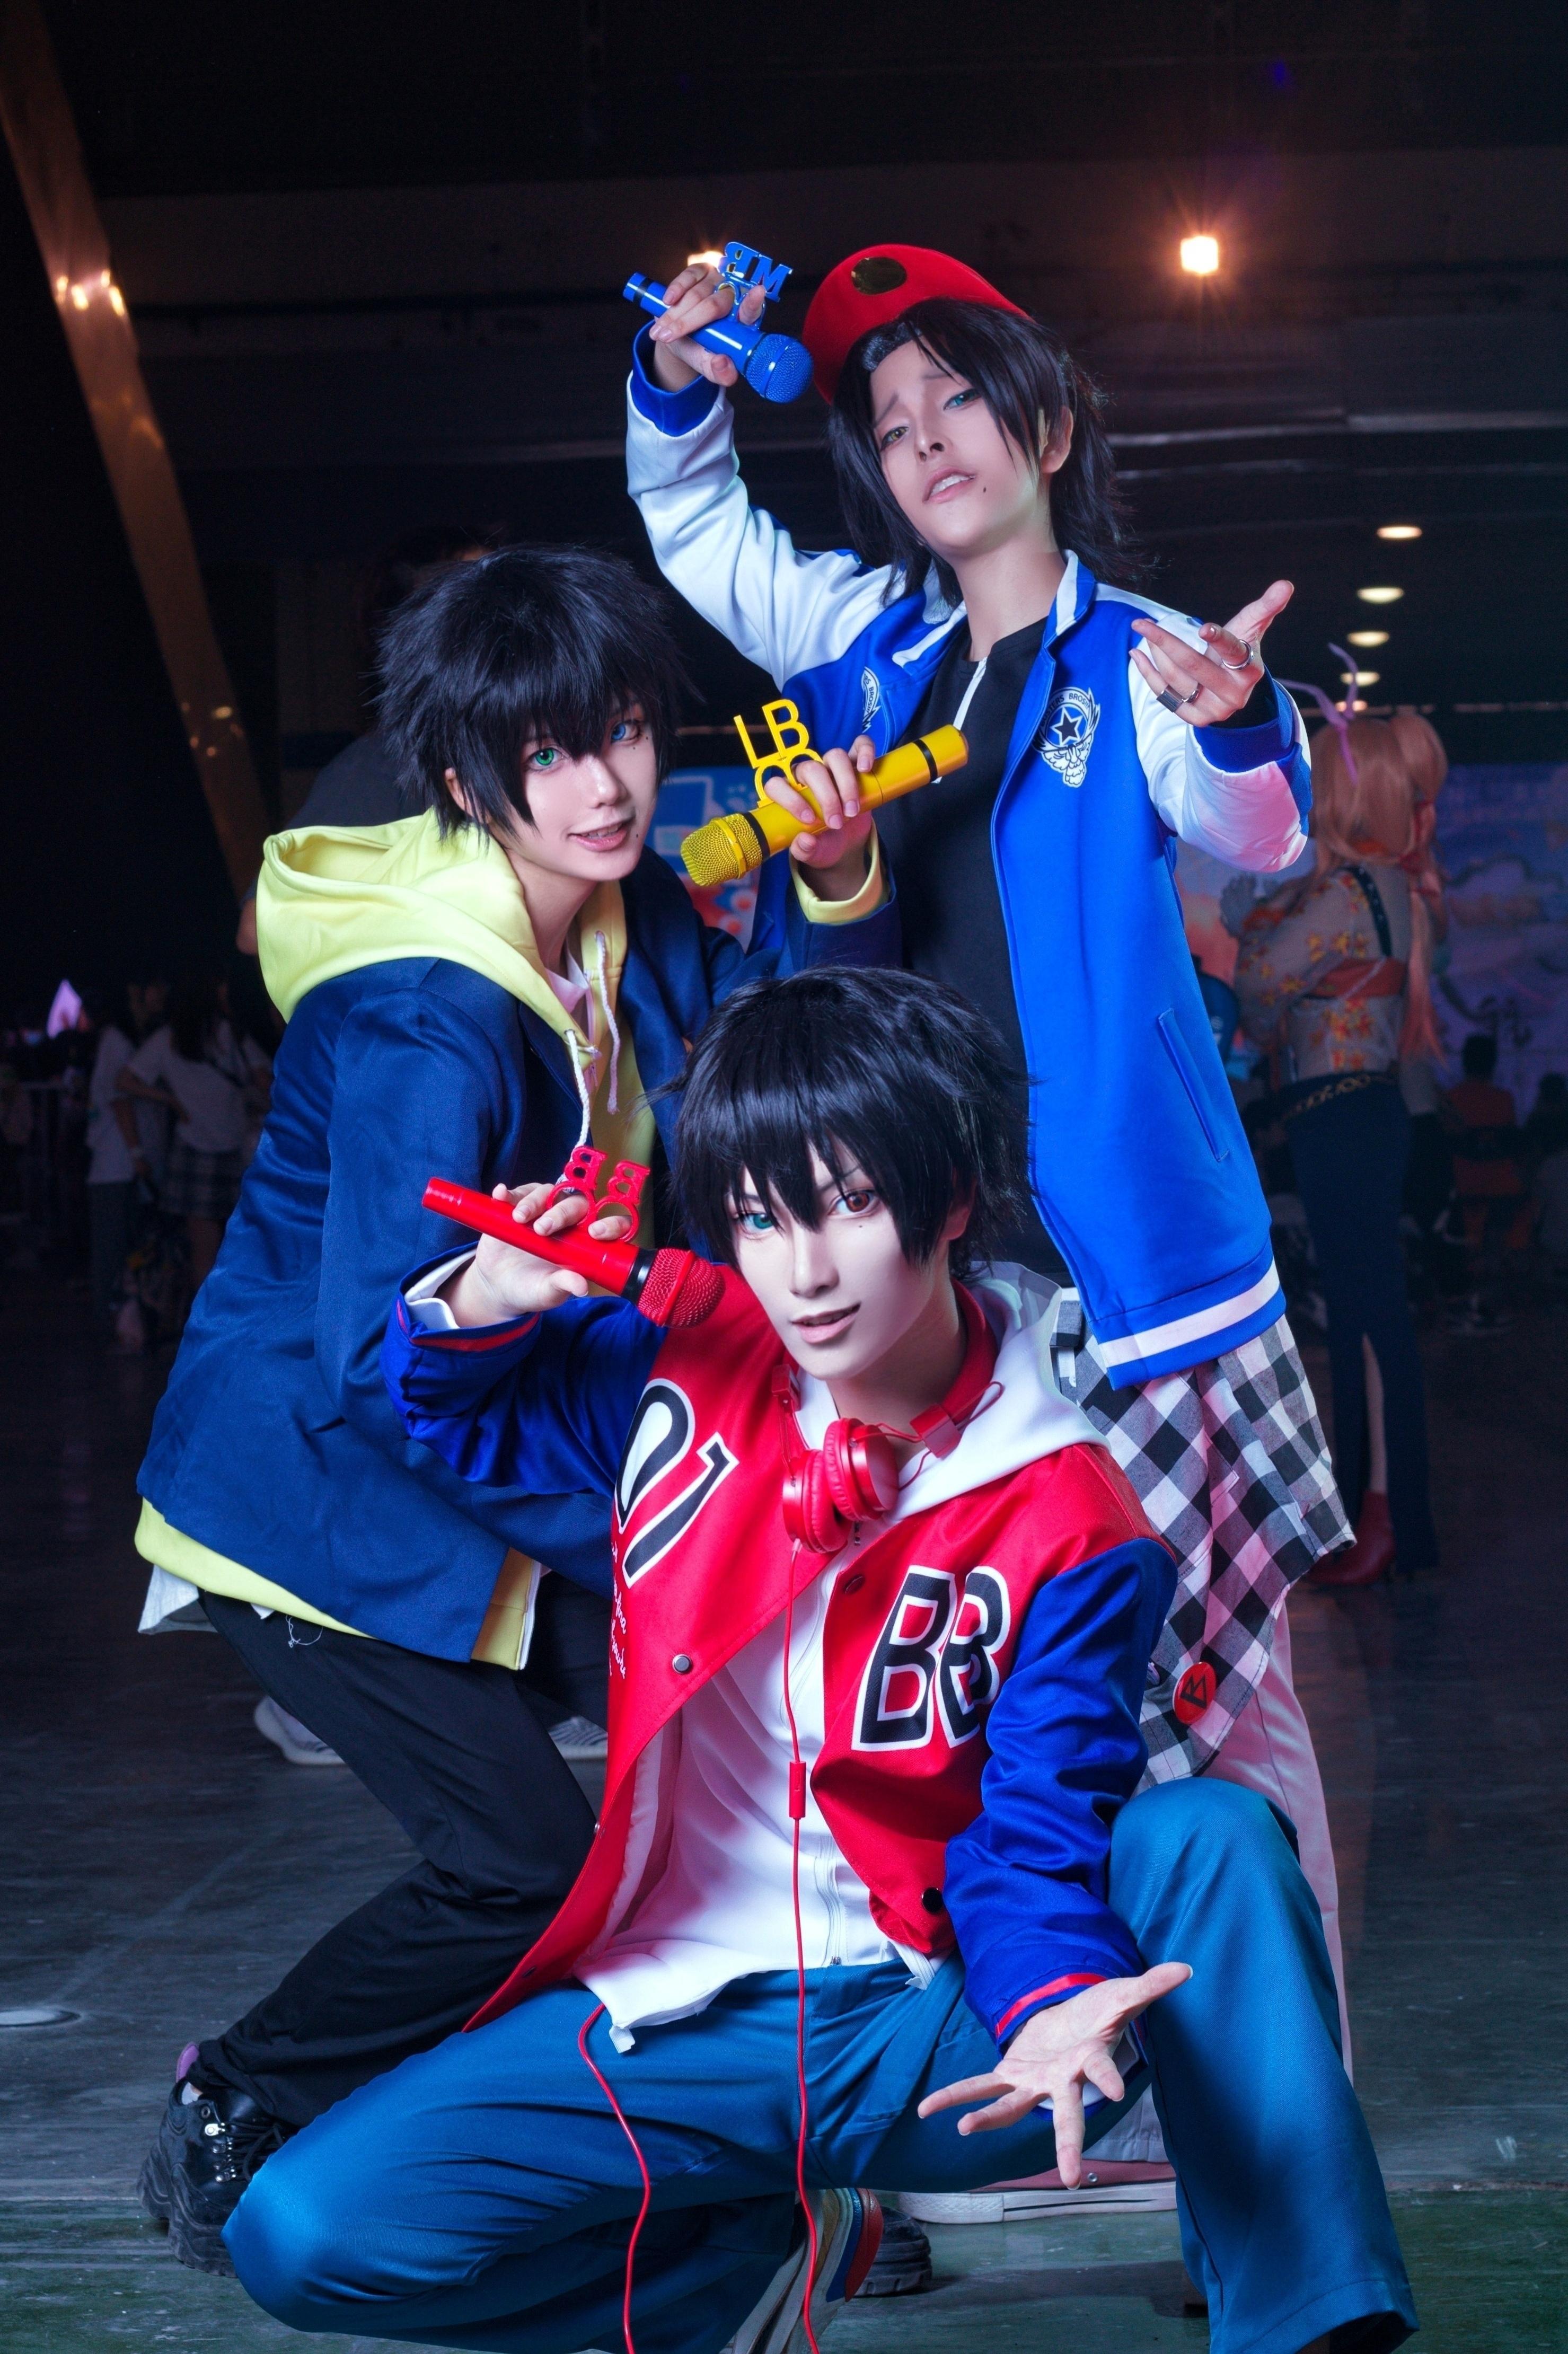 《ヒプノシスマイク》漫展cosplay【CN:Veron.公子白】-第4张